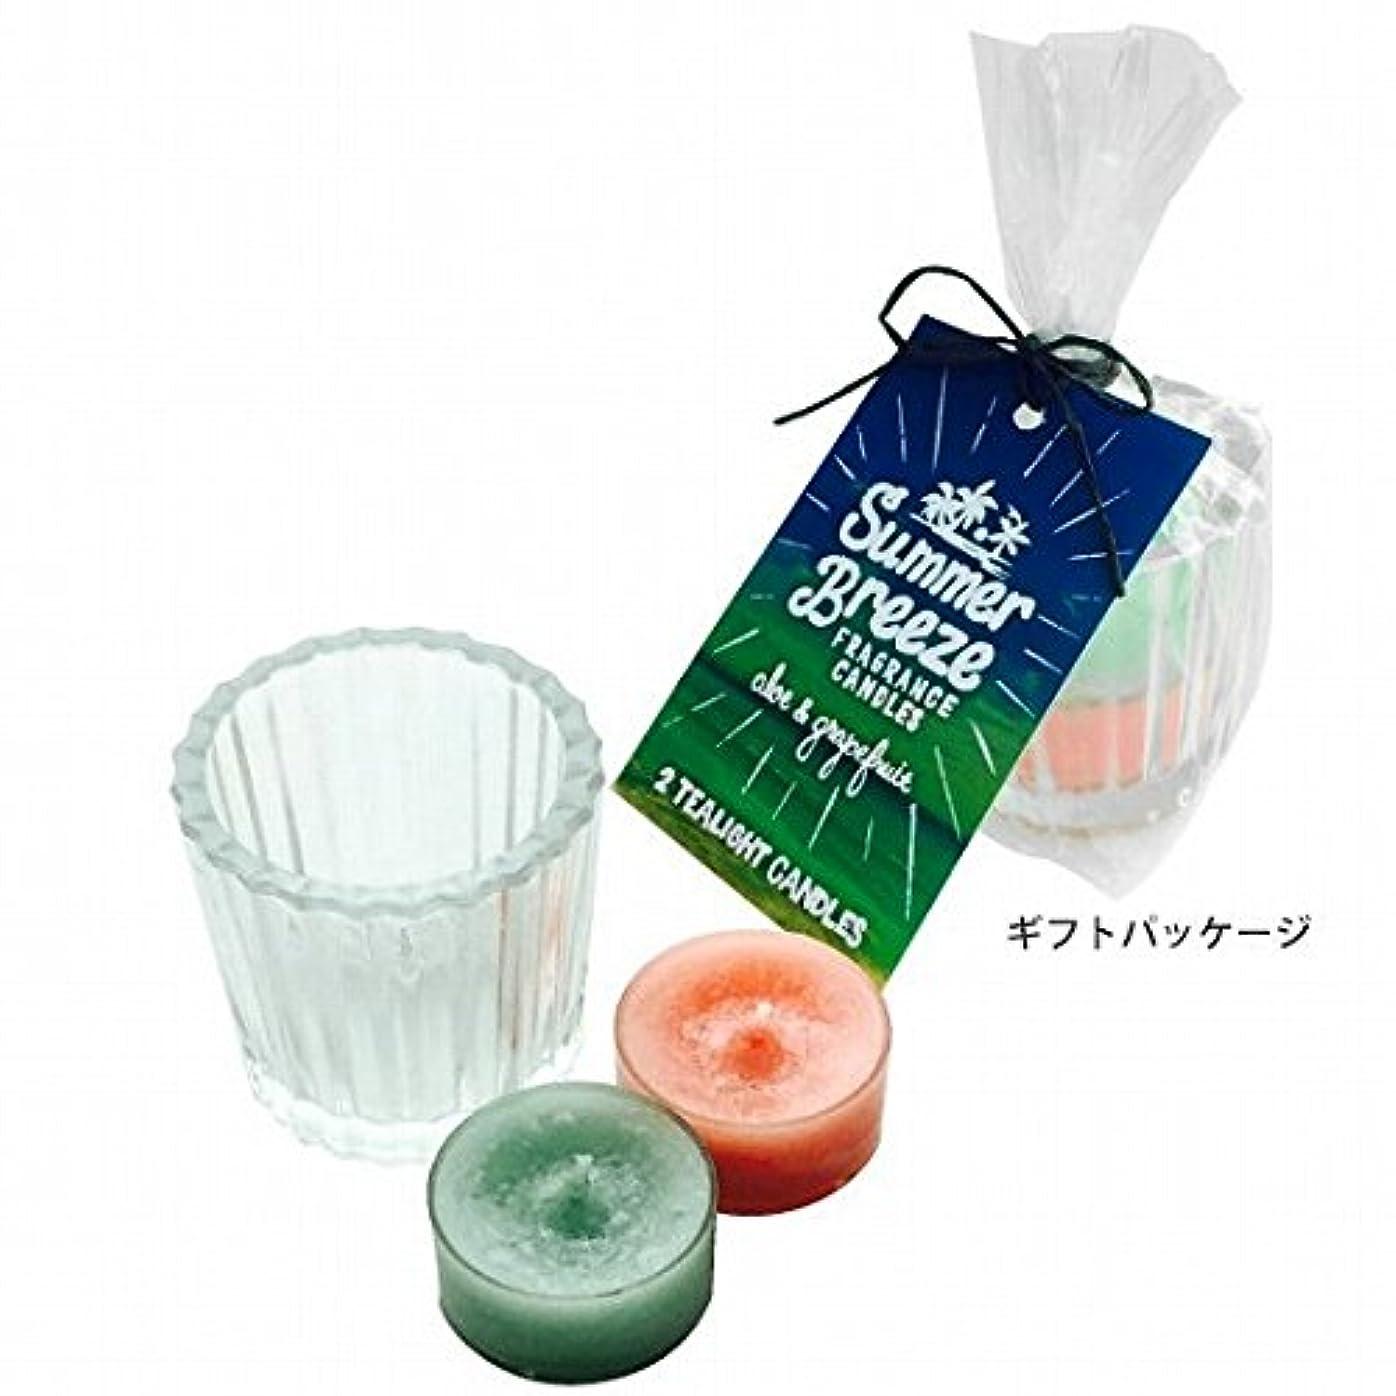 絶対に放棄オフェンスカメヤマキャンドル(kameyama candle) サマーブリーズティーライトキャンドルセット